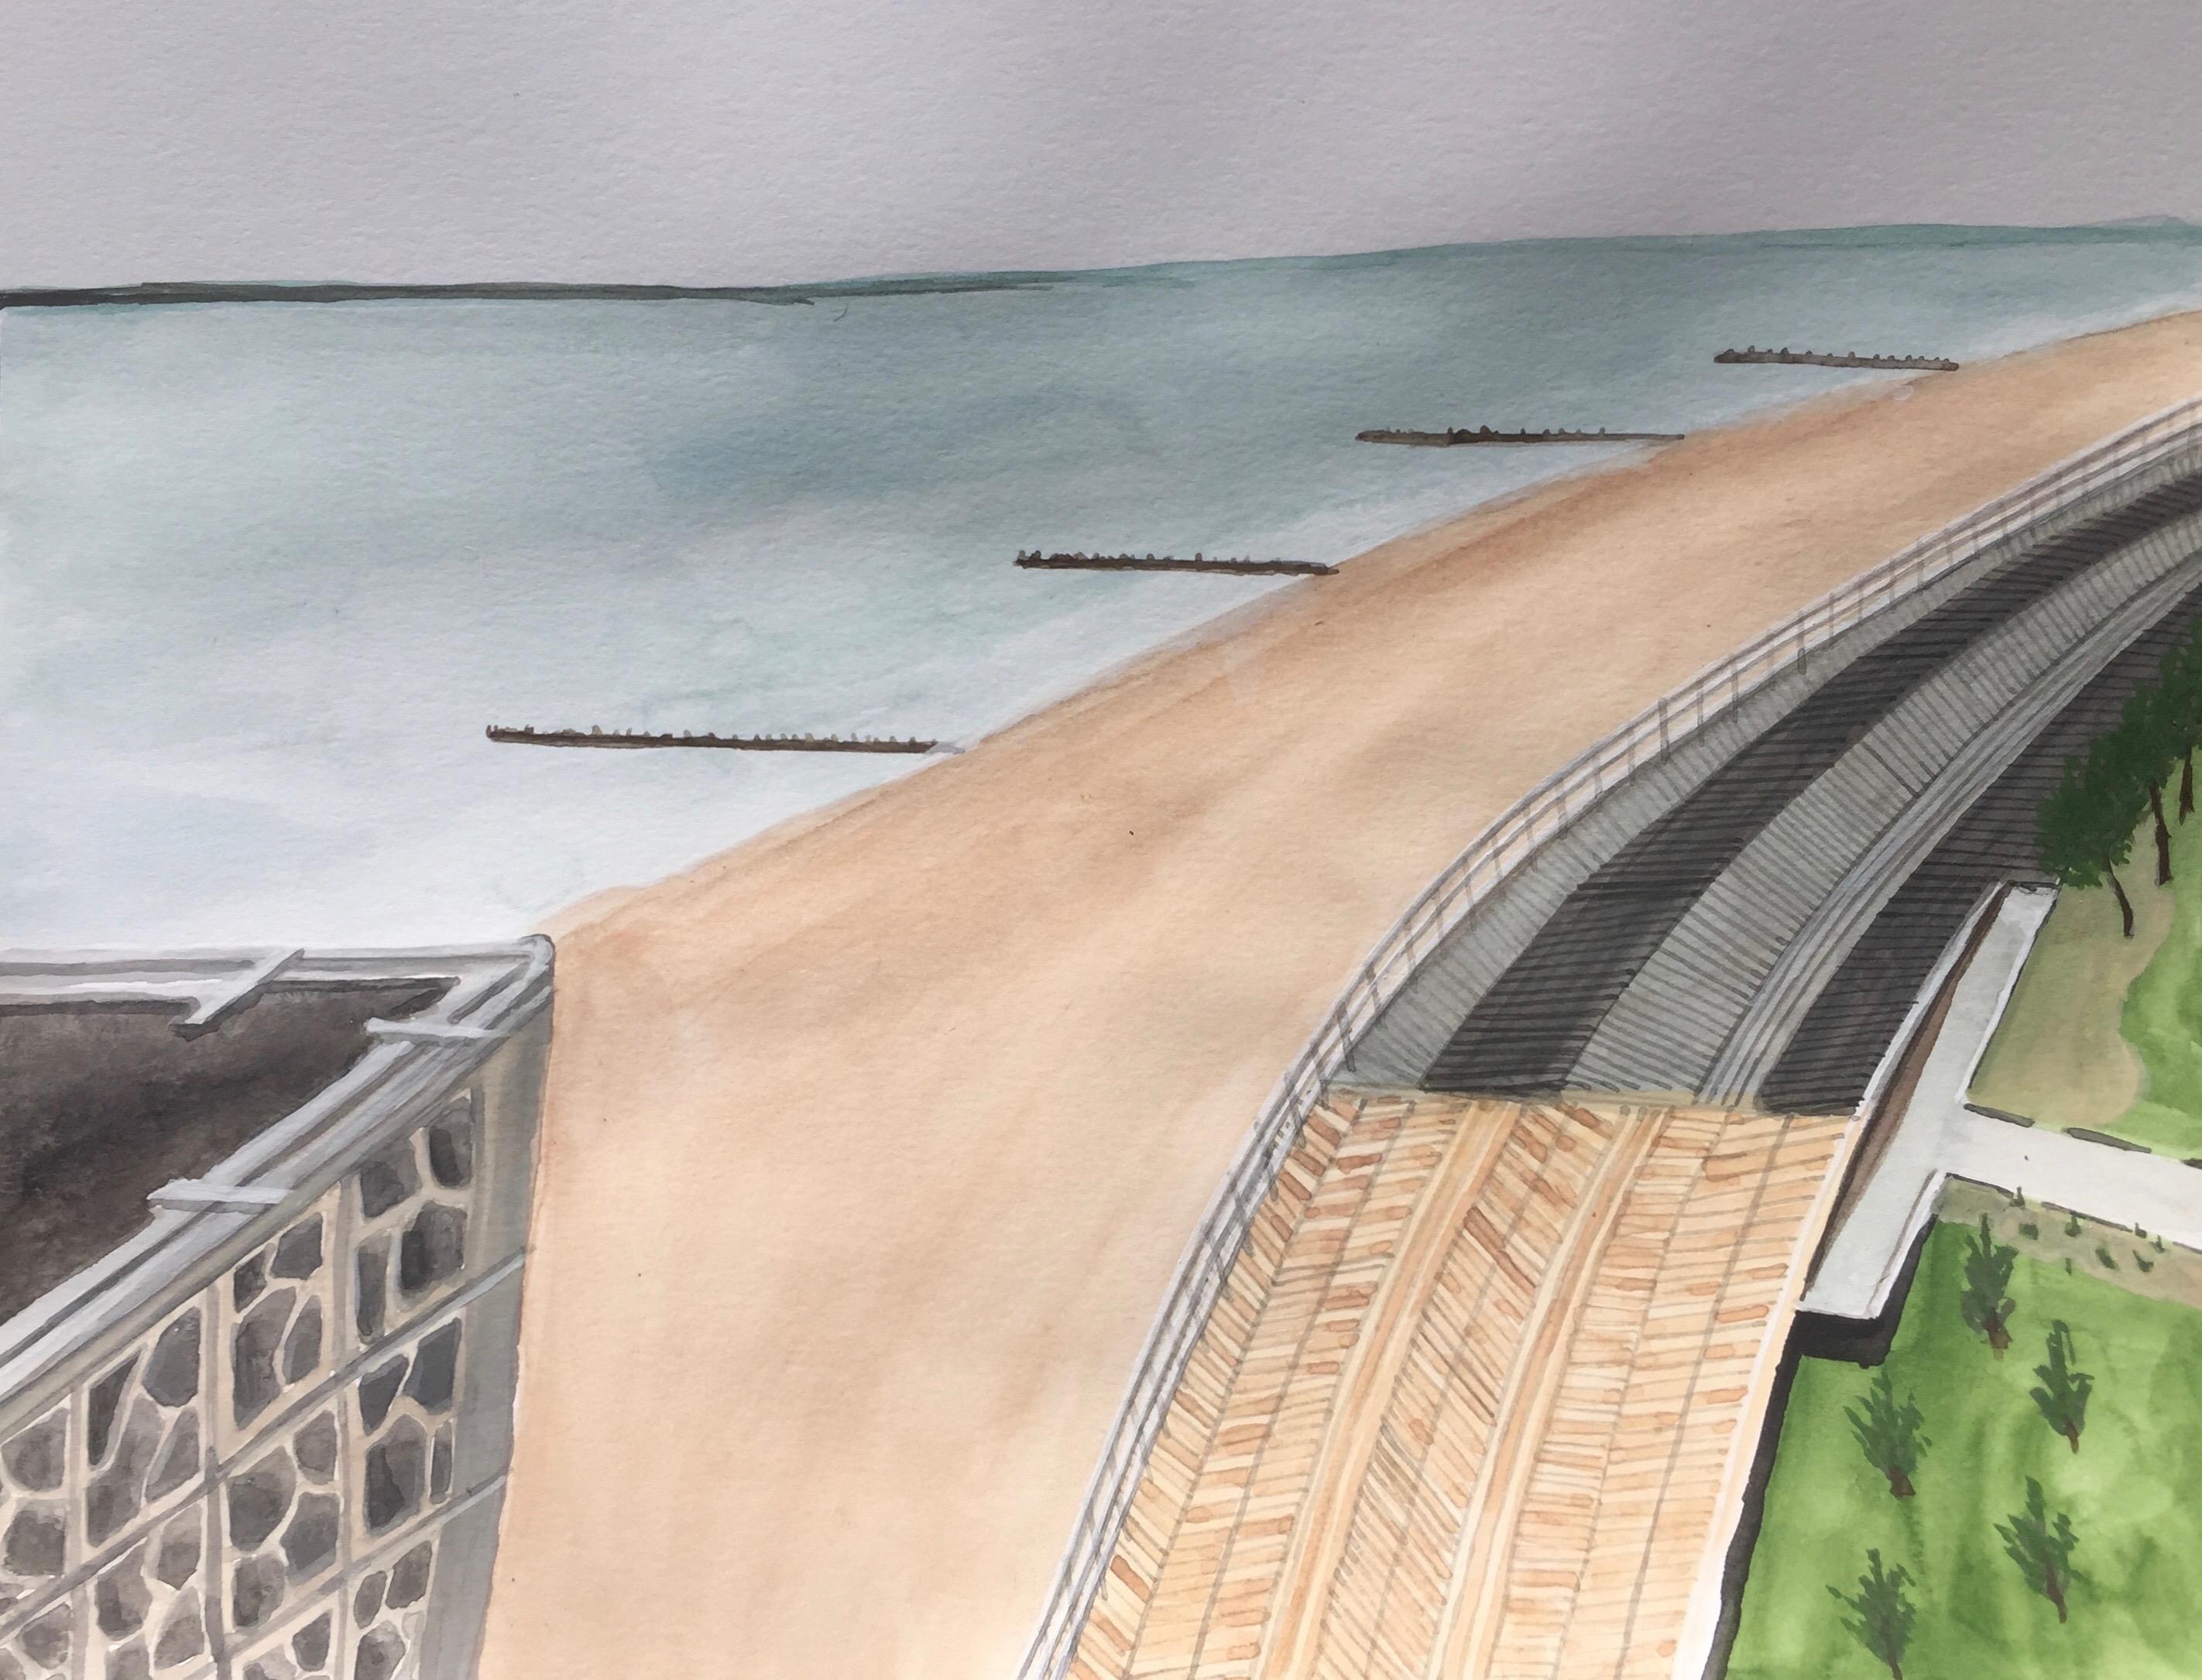 Coney Island Boardwalk, 2020